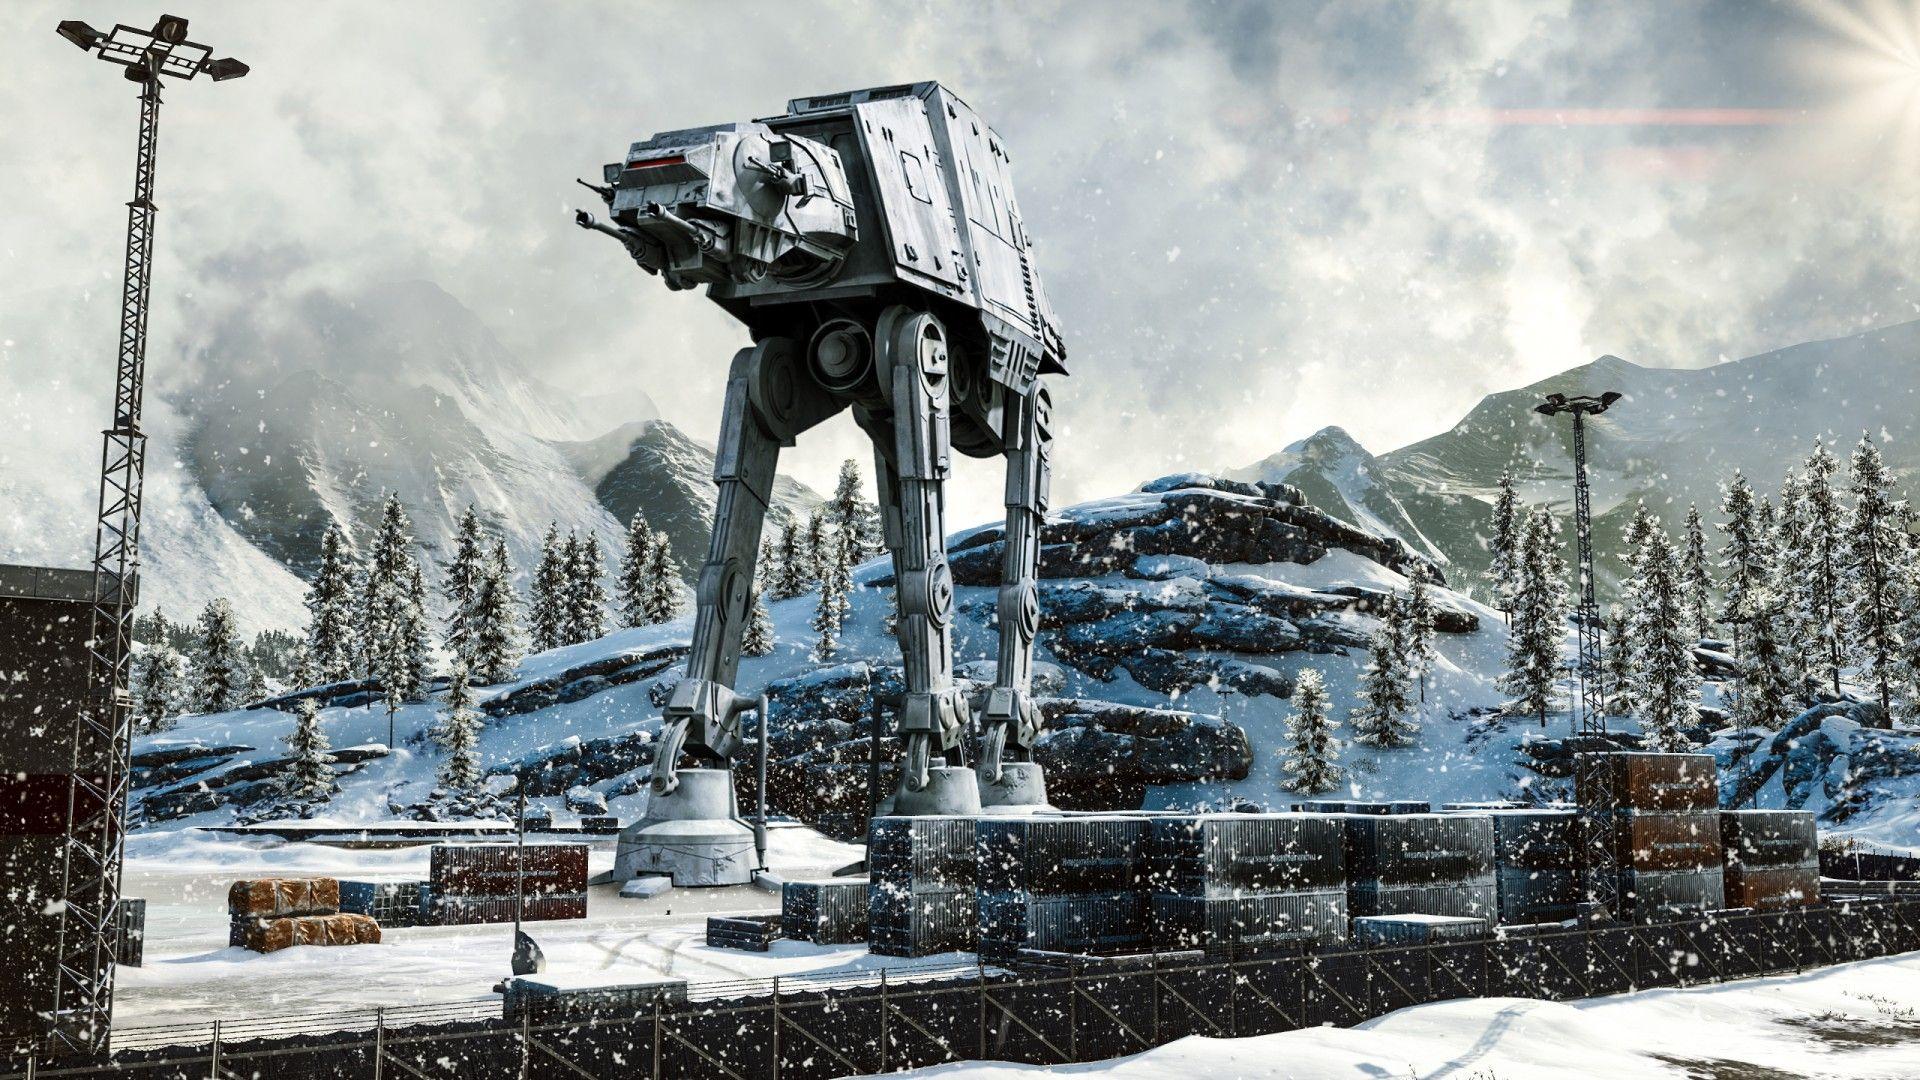 At At Walker Star Wars Winter Snow Hd Star Wars Wallpaper Walker Wallpaper Star Wars Art